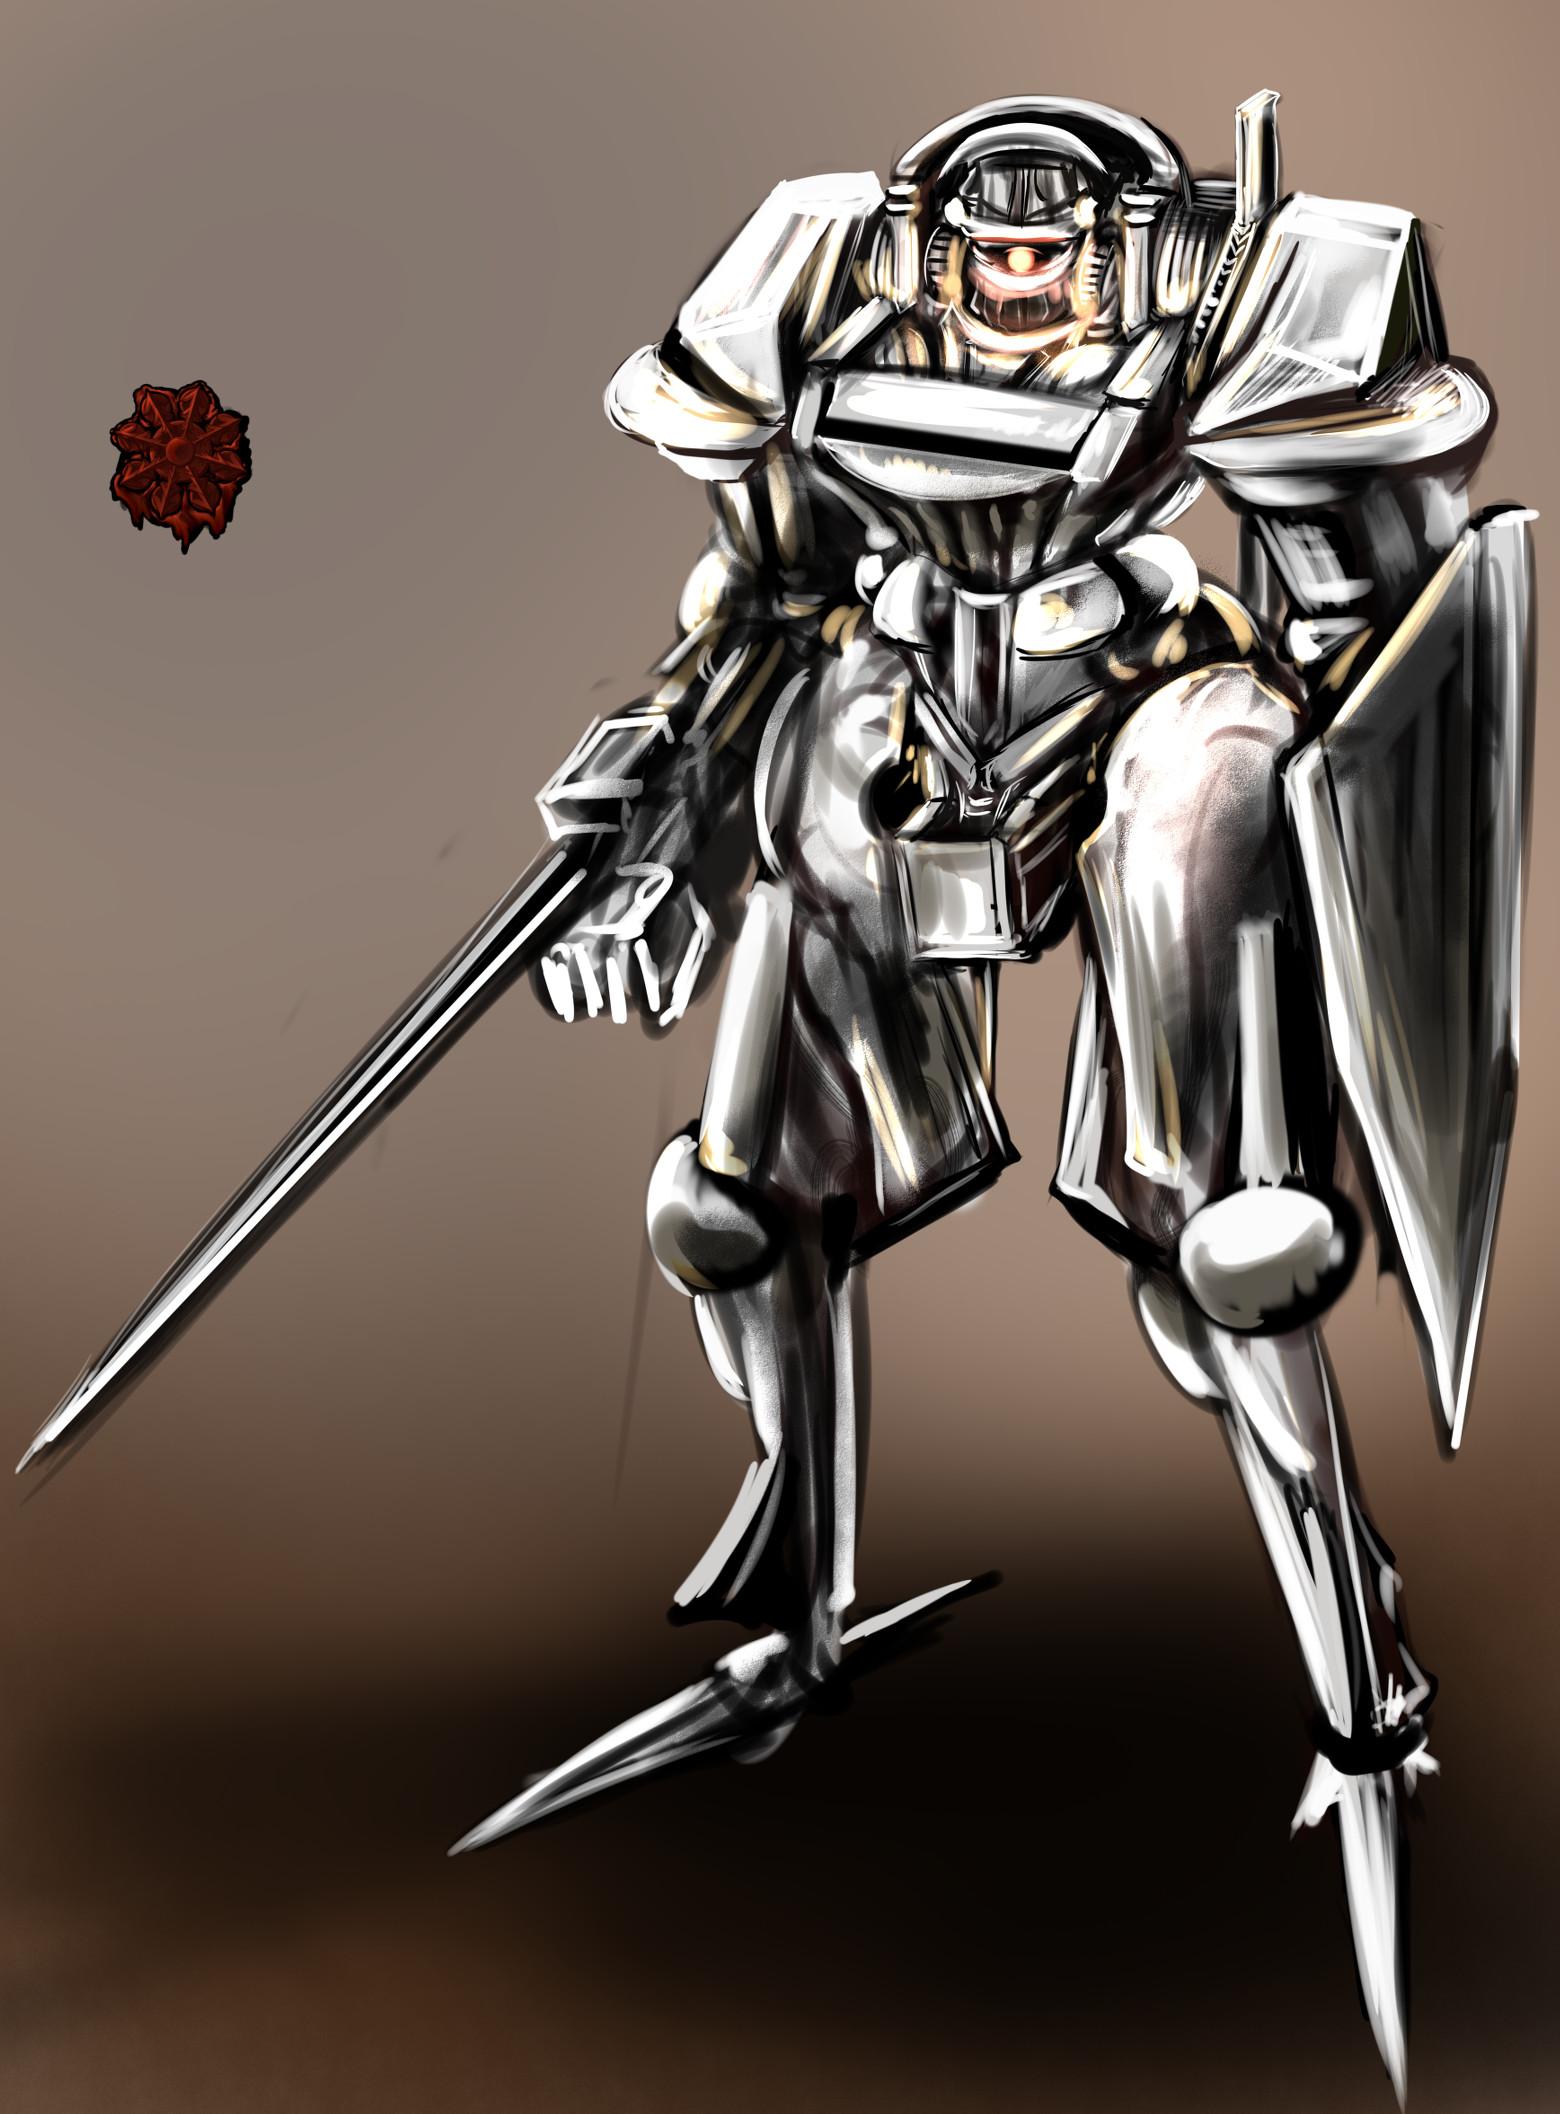 アンドロイド戦士